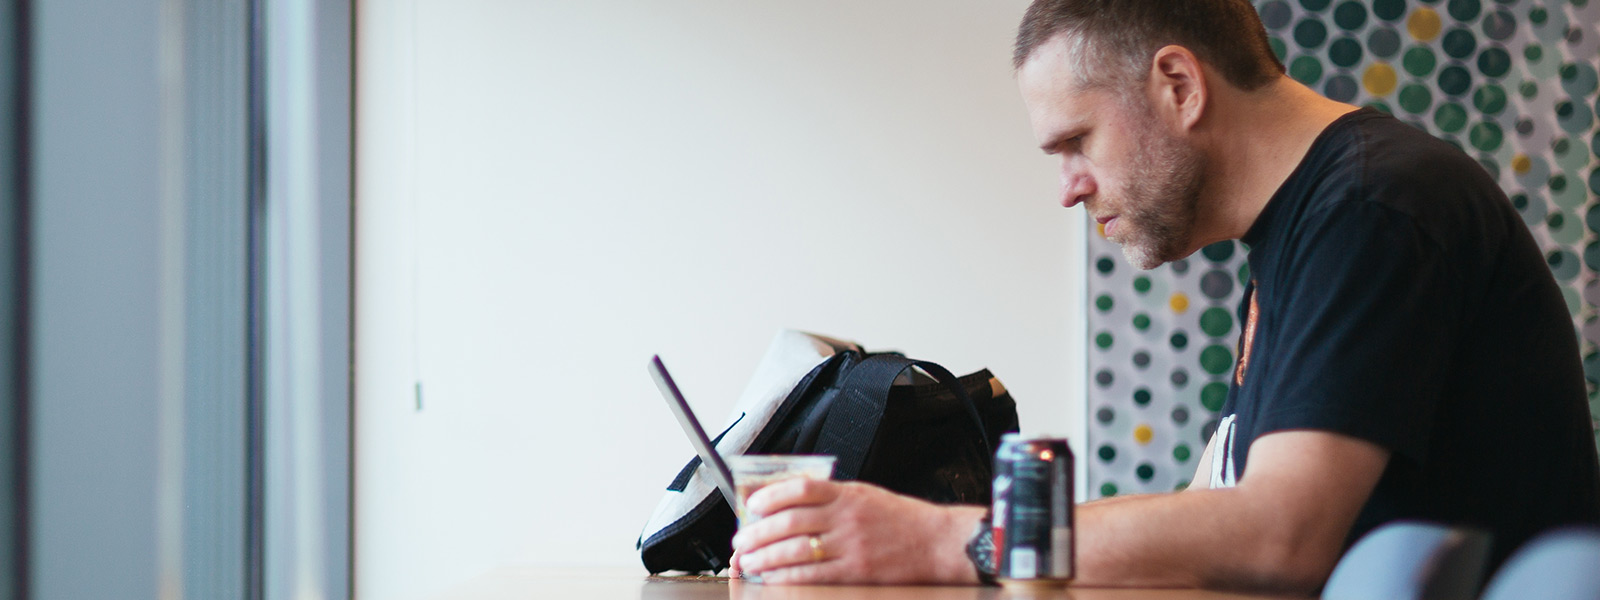 Um homem sentado em uma mesa trabalhando em seu computador com Windows 10